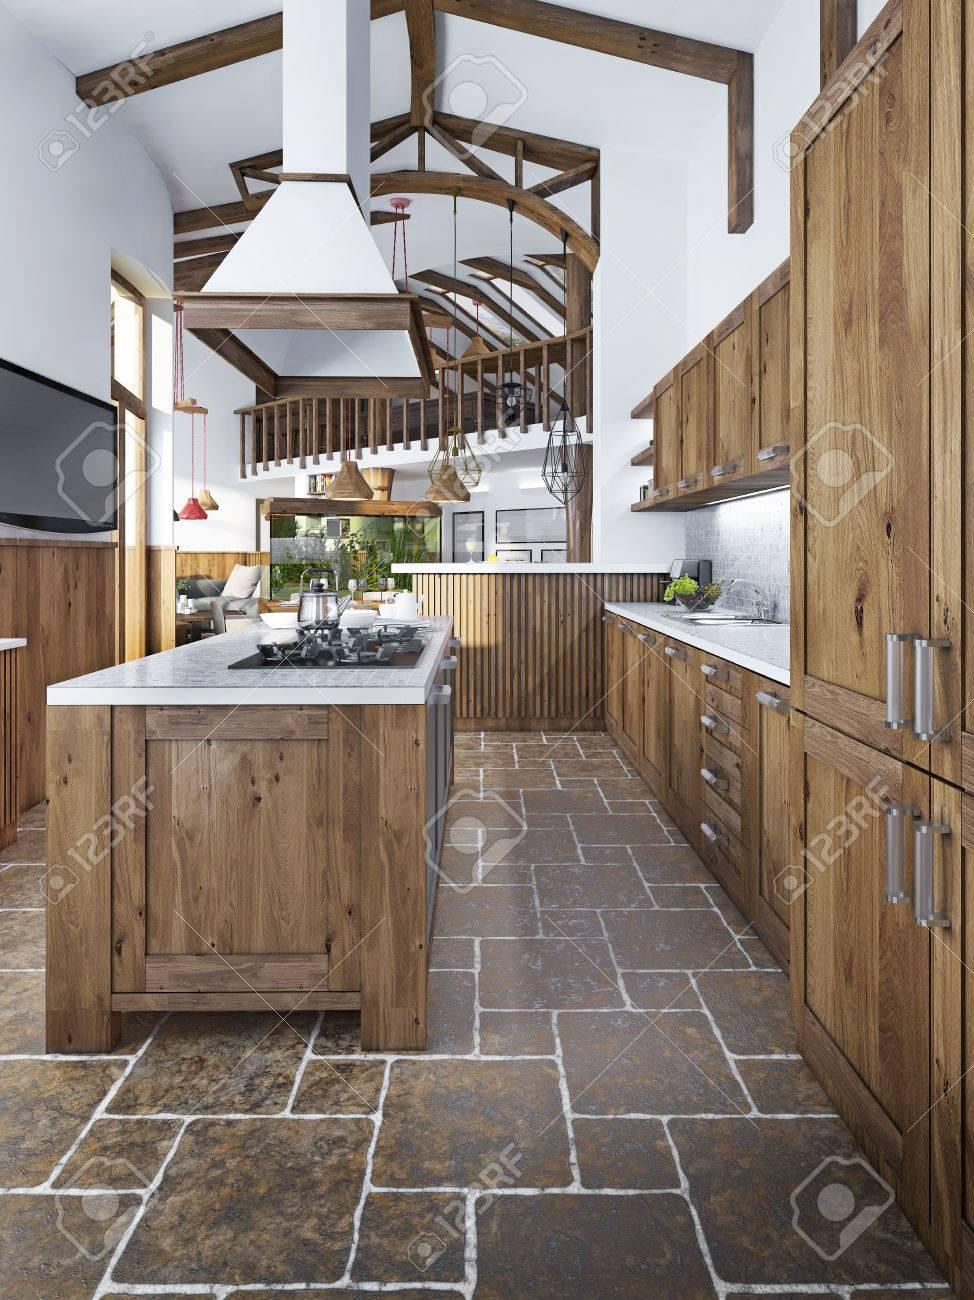 Best Cucina Ad Incasso Pictures - bakeroffroad.us - bakeroffroad.us